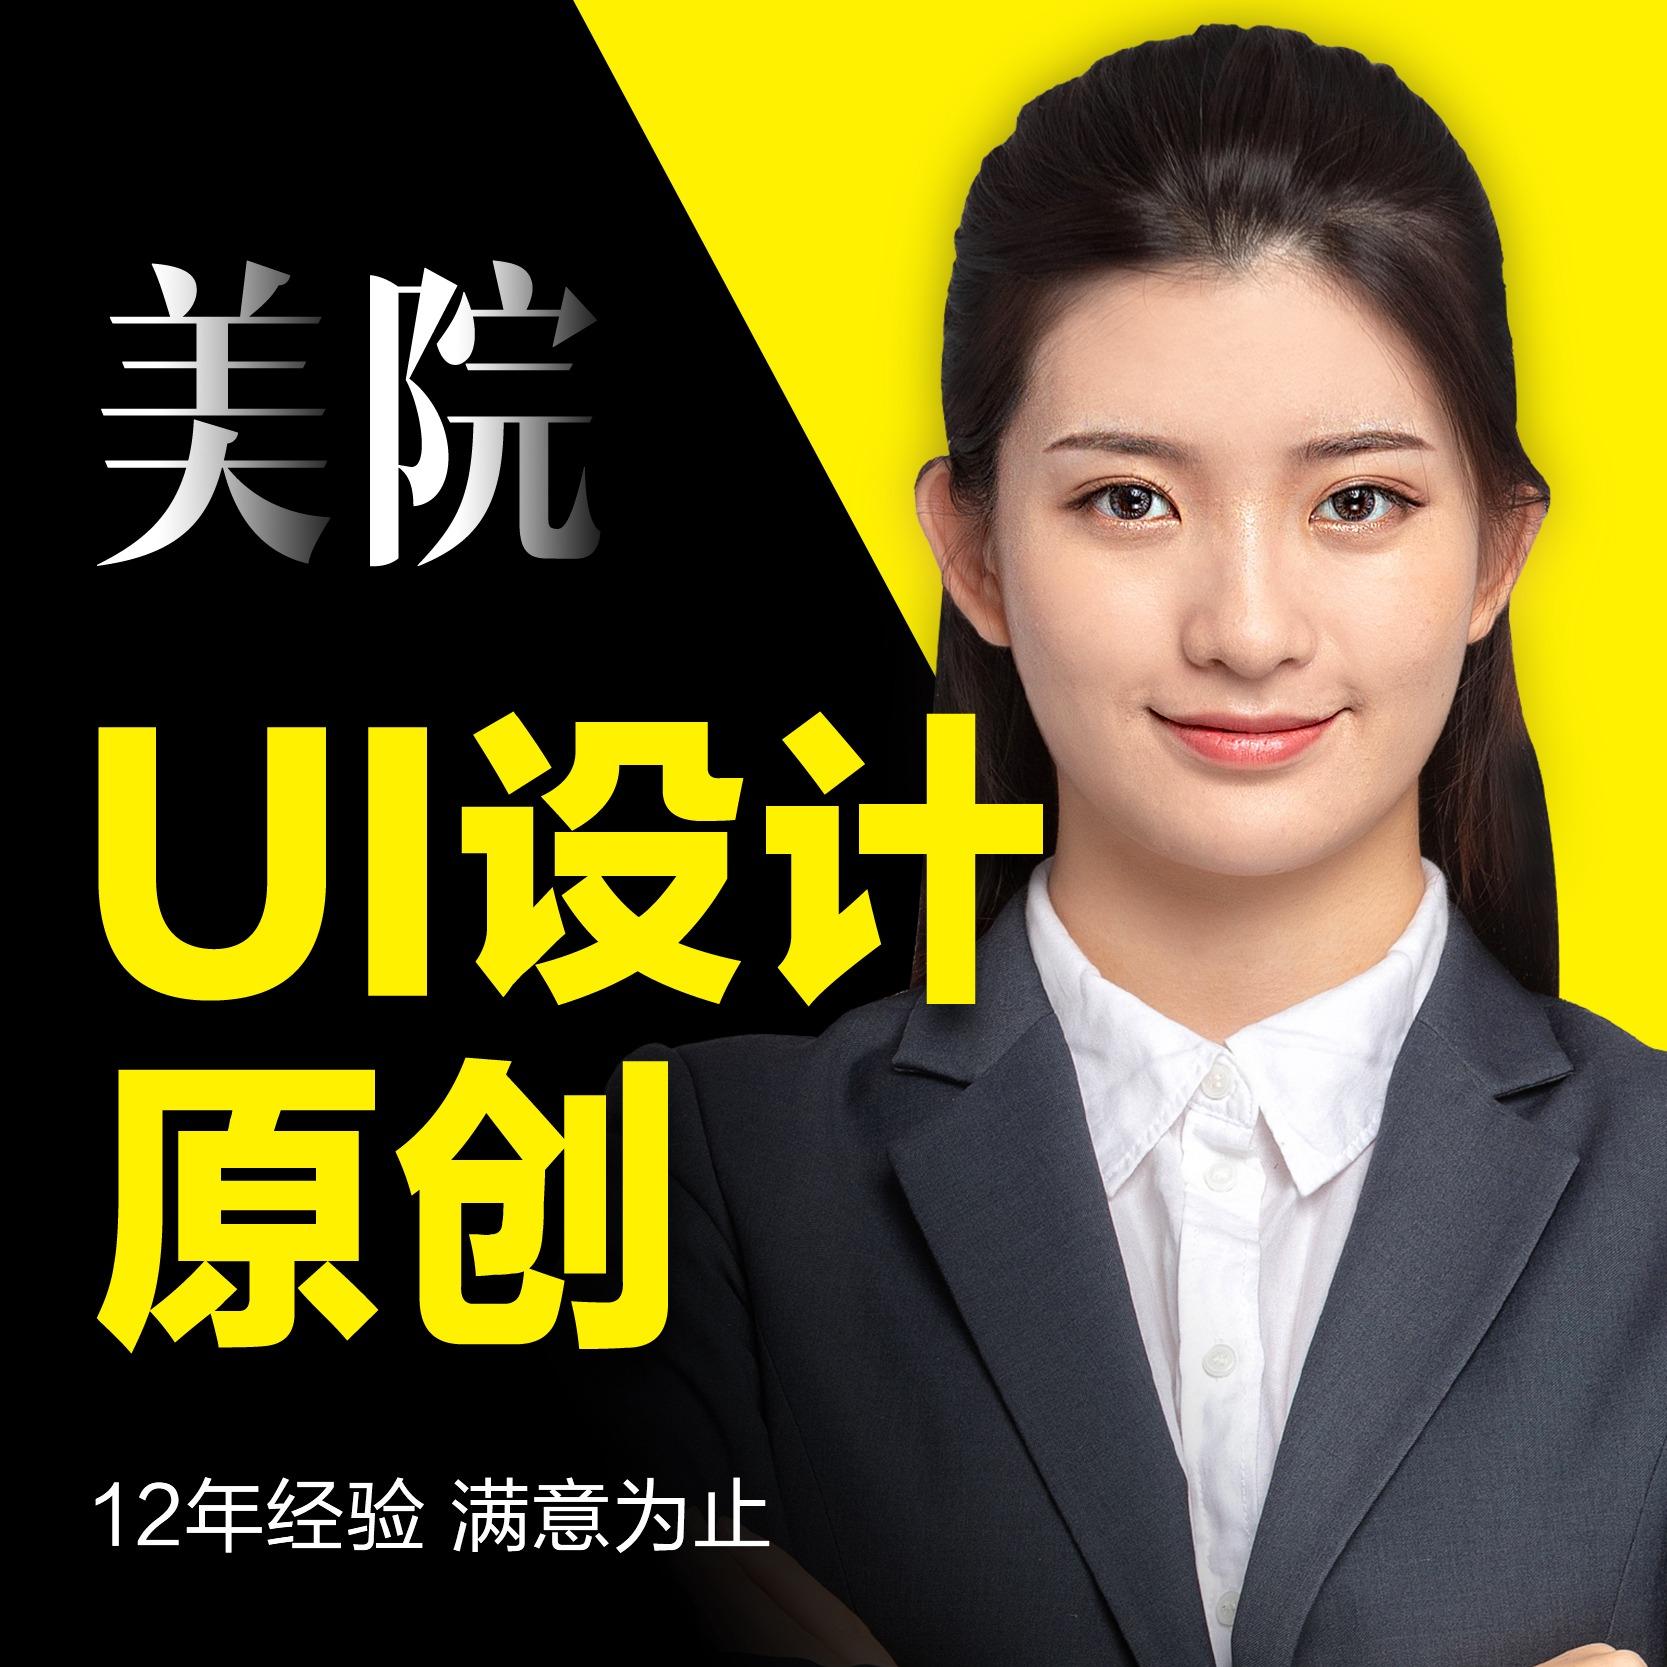 【办公应用】UI设计APPUI移动ui网页设计系统界面设计